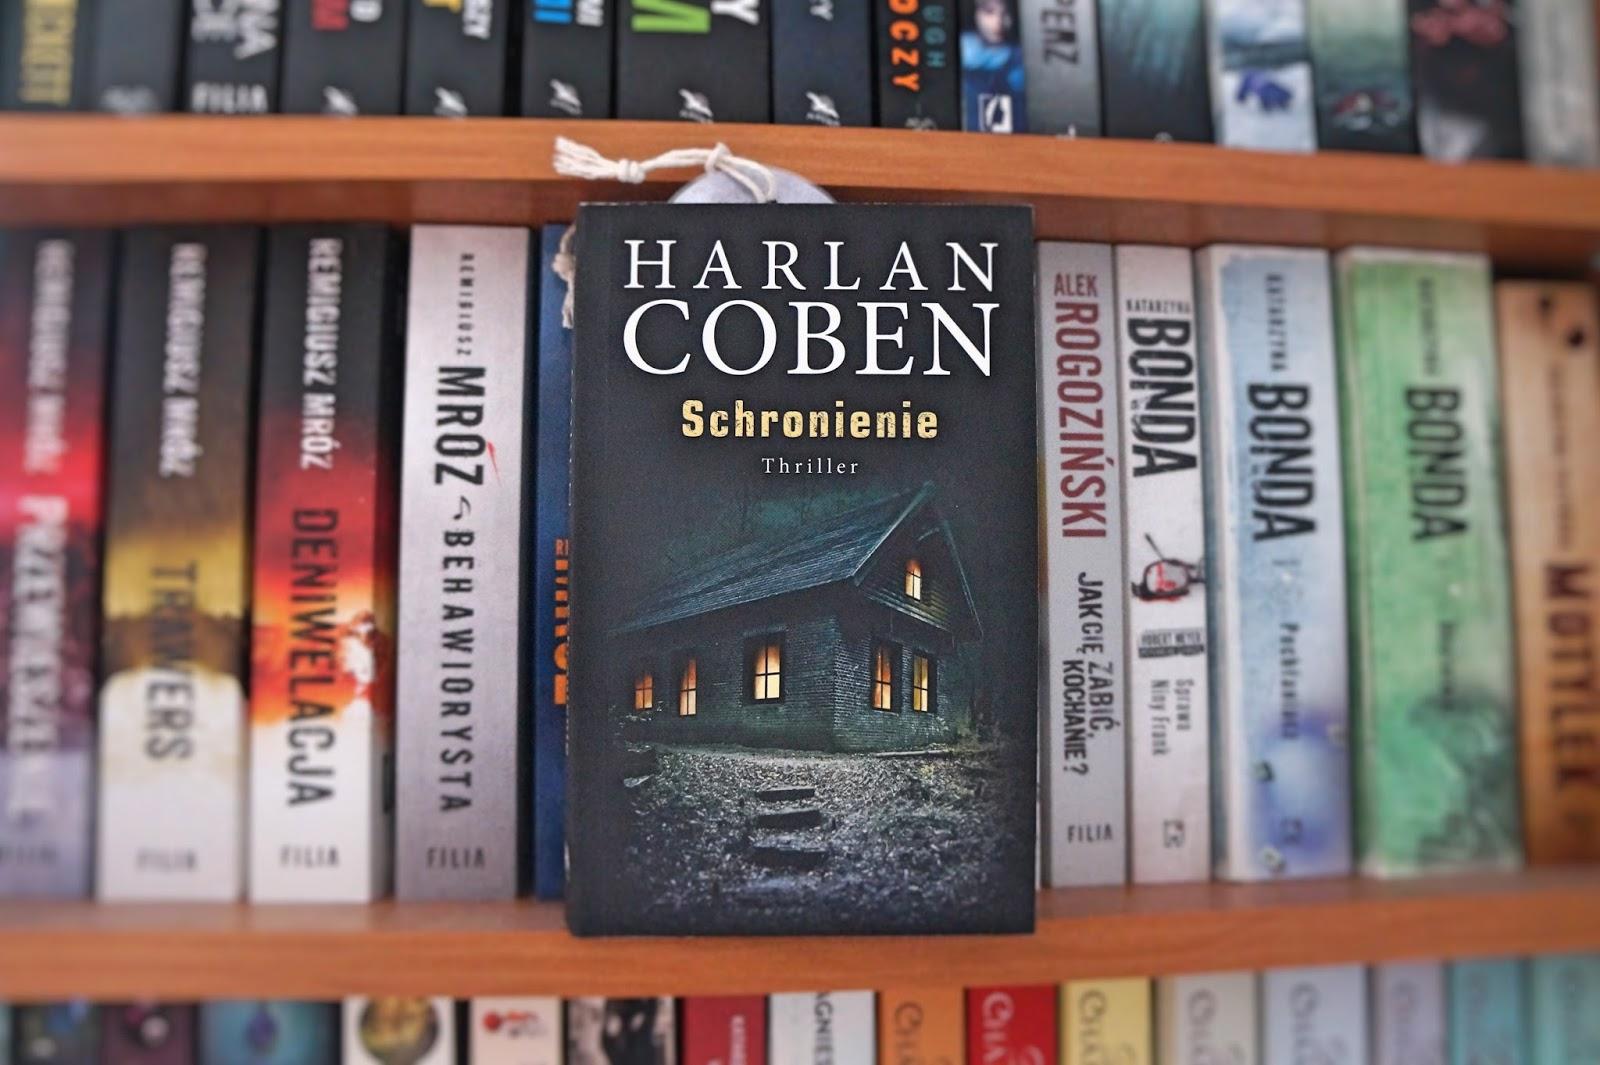 Schronienie, Harlan Coben